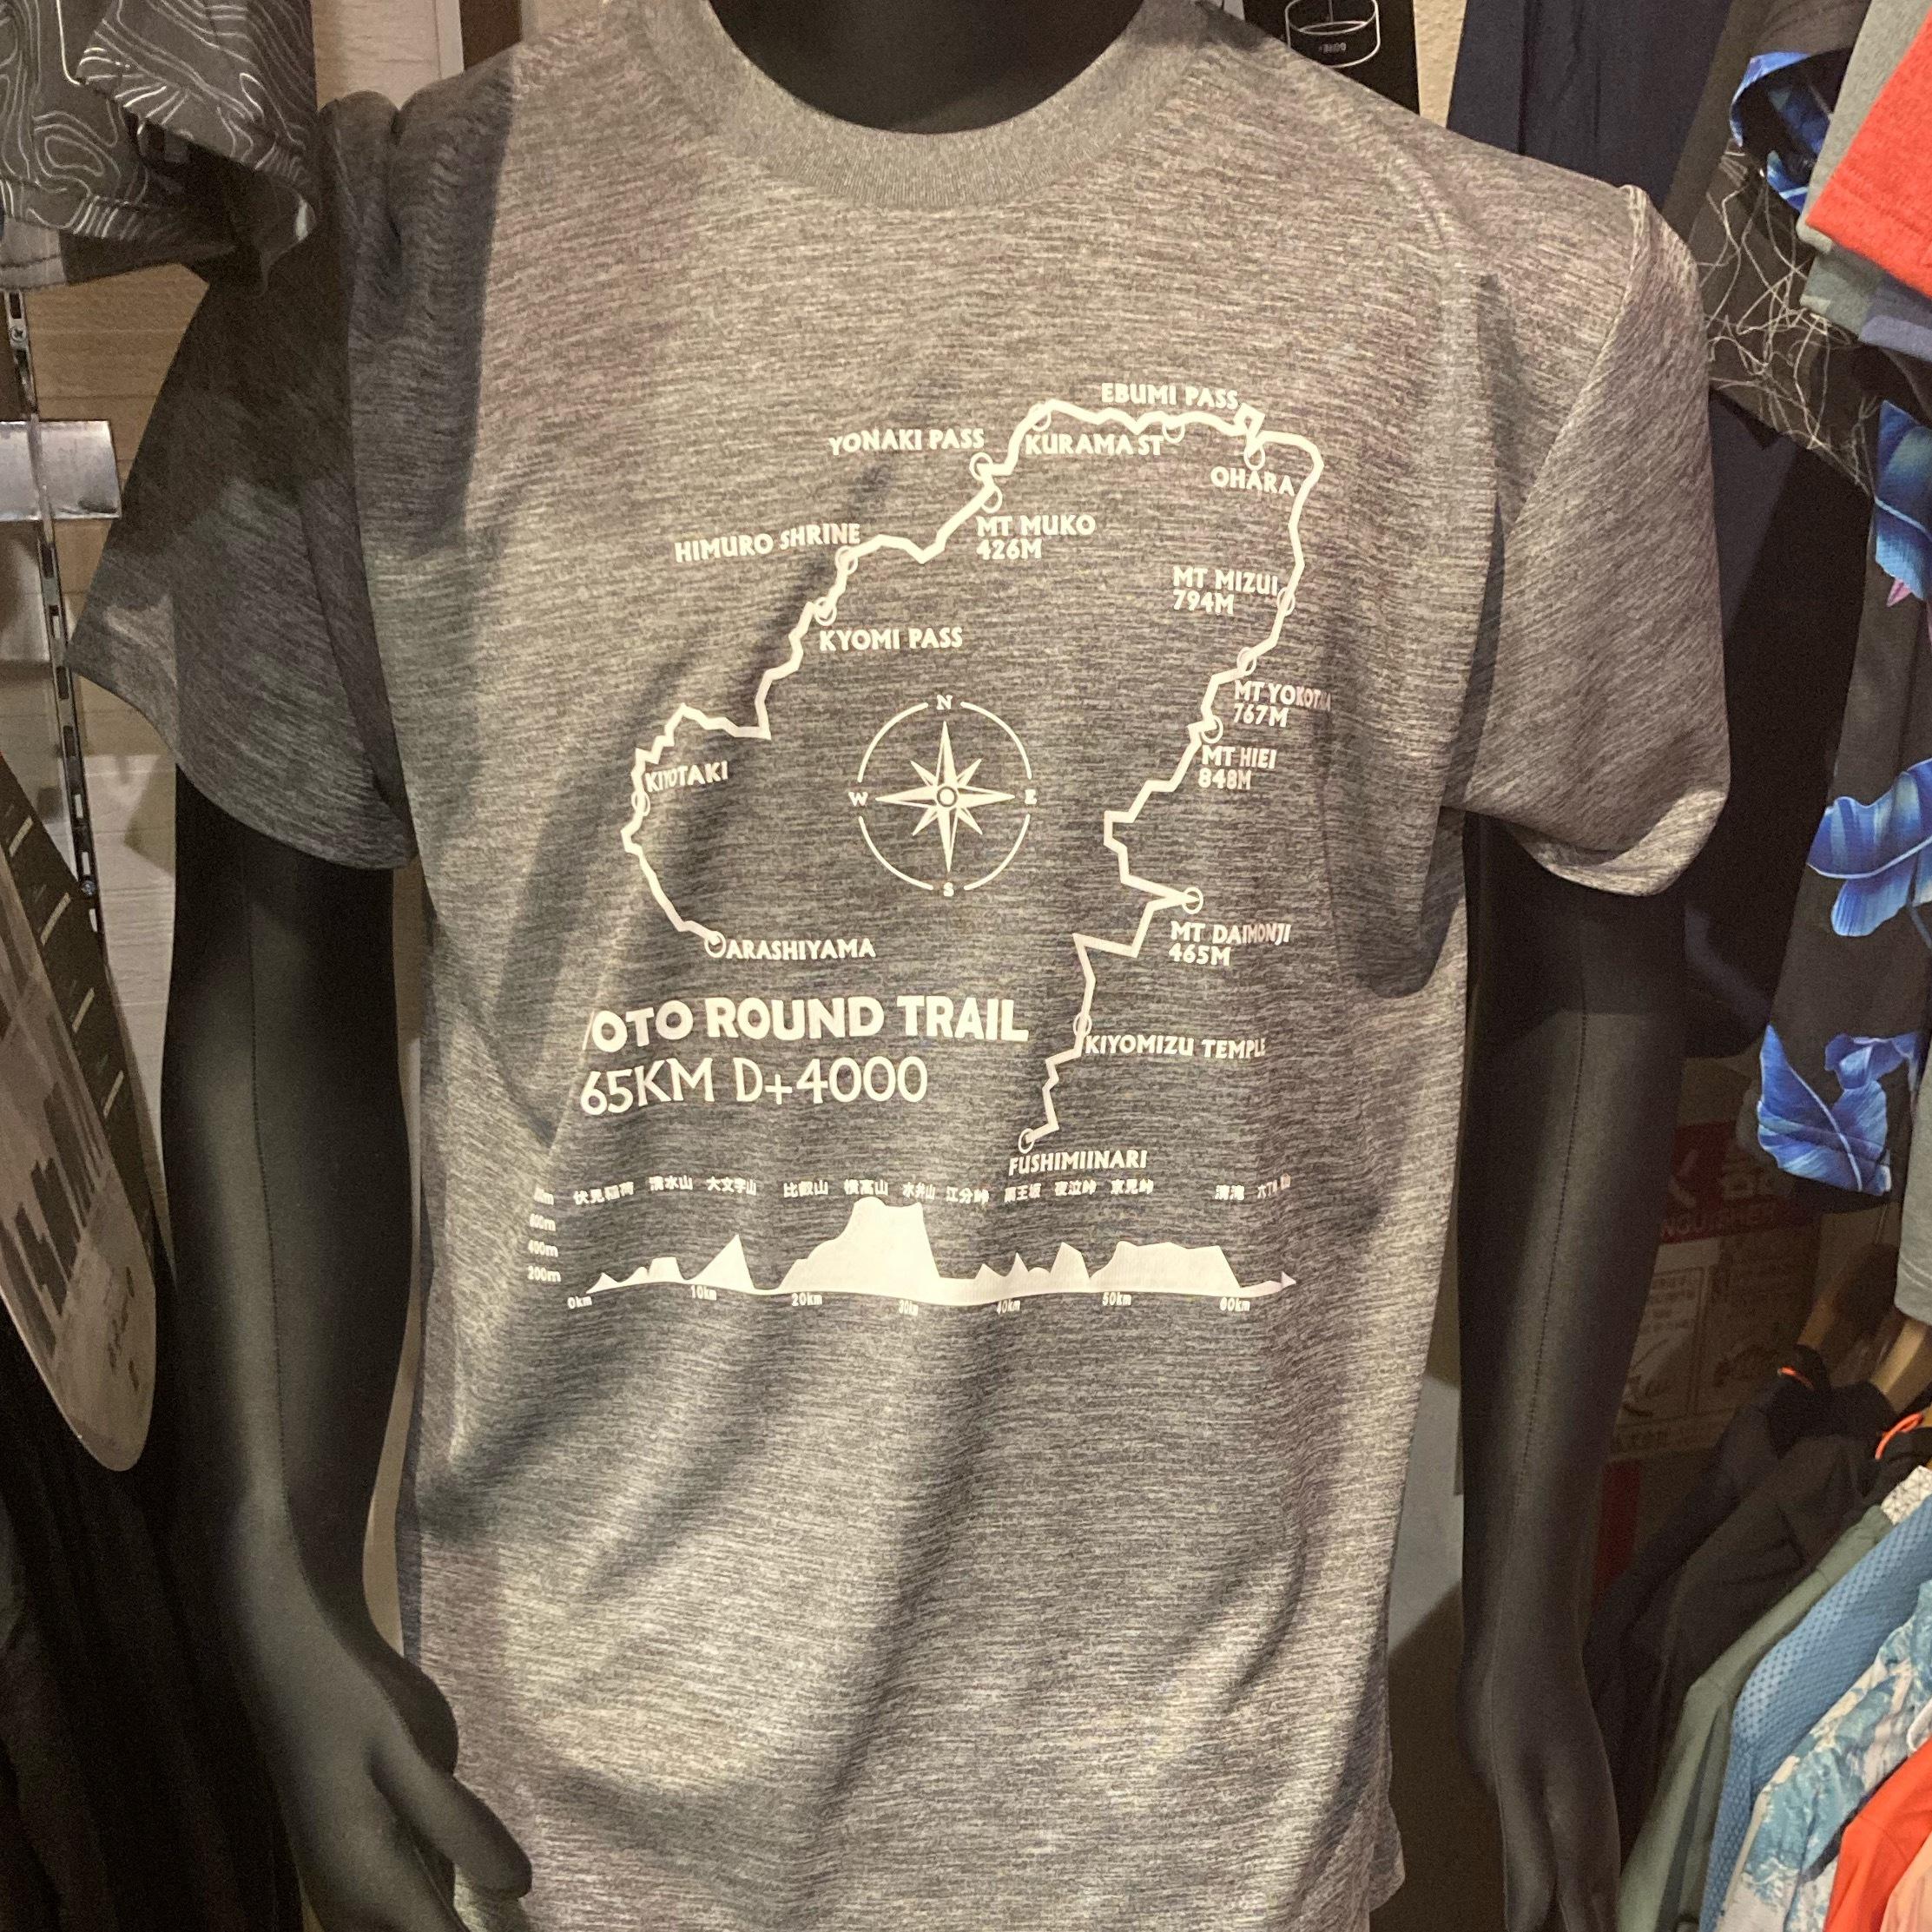 トレイルフェストオリジナル 京都一周トレイルTシャツ